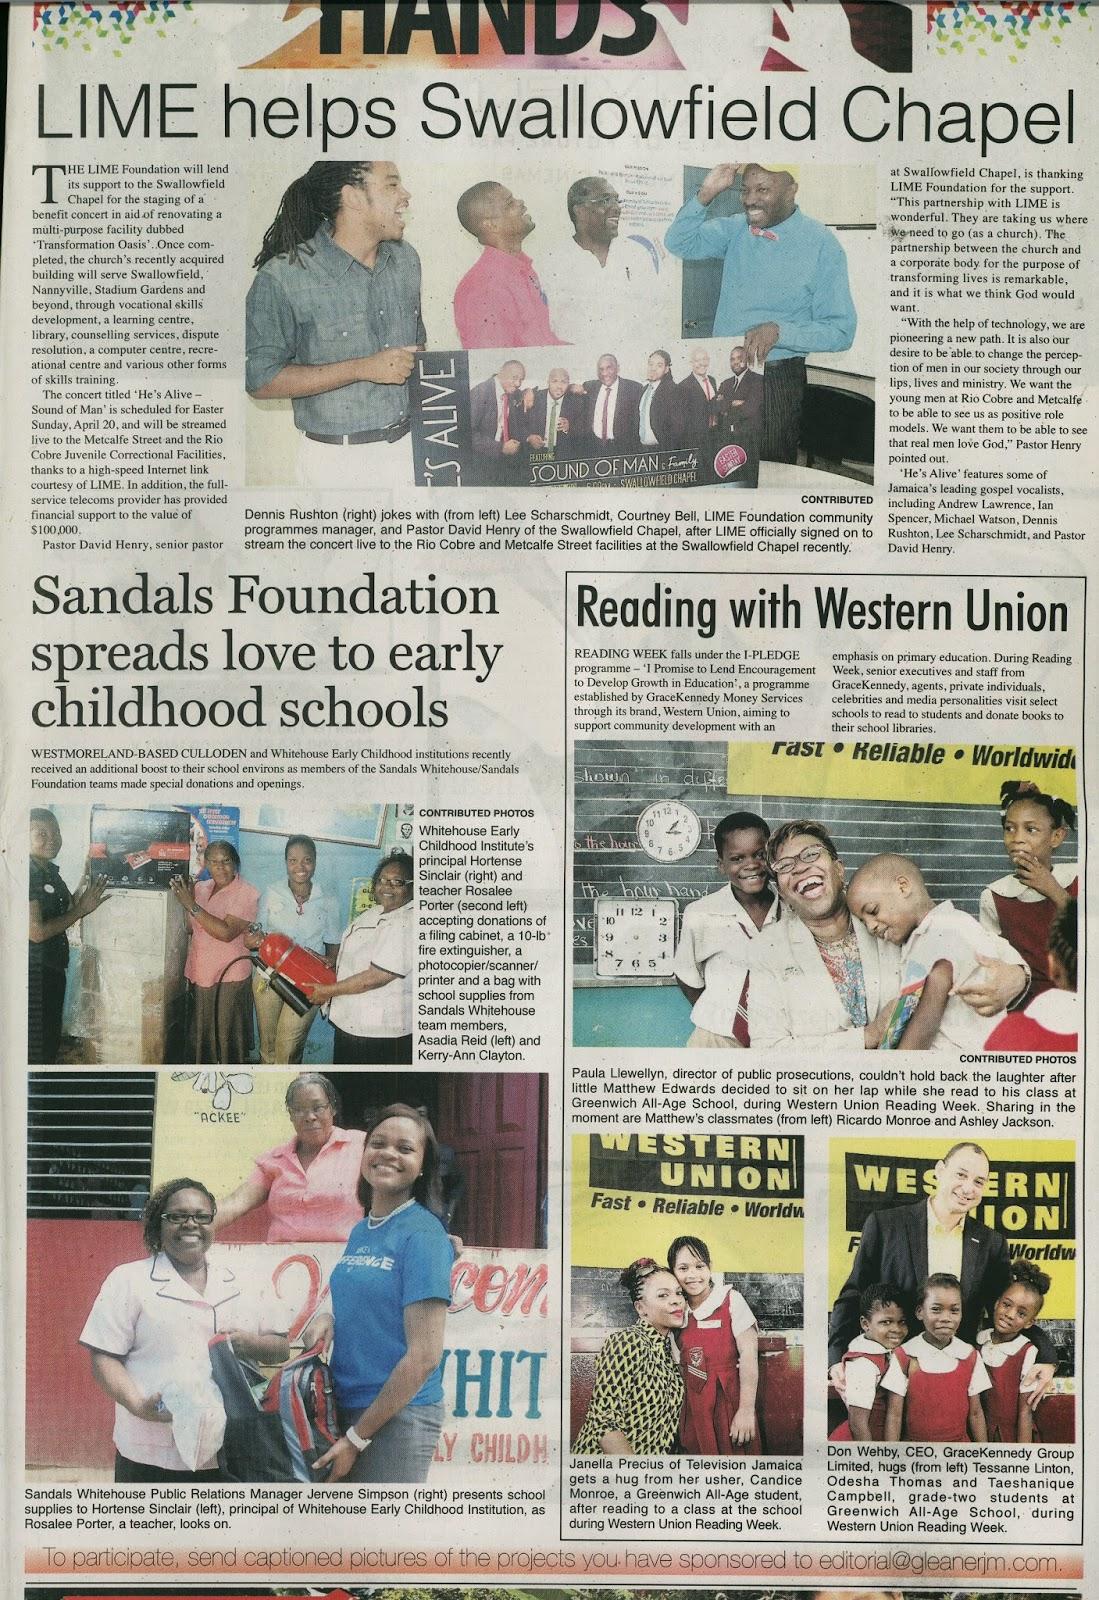 GraceKennedy Western Union Reading Week 2014 | Kimesha's ...